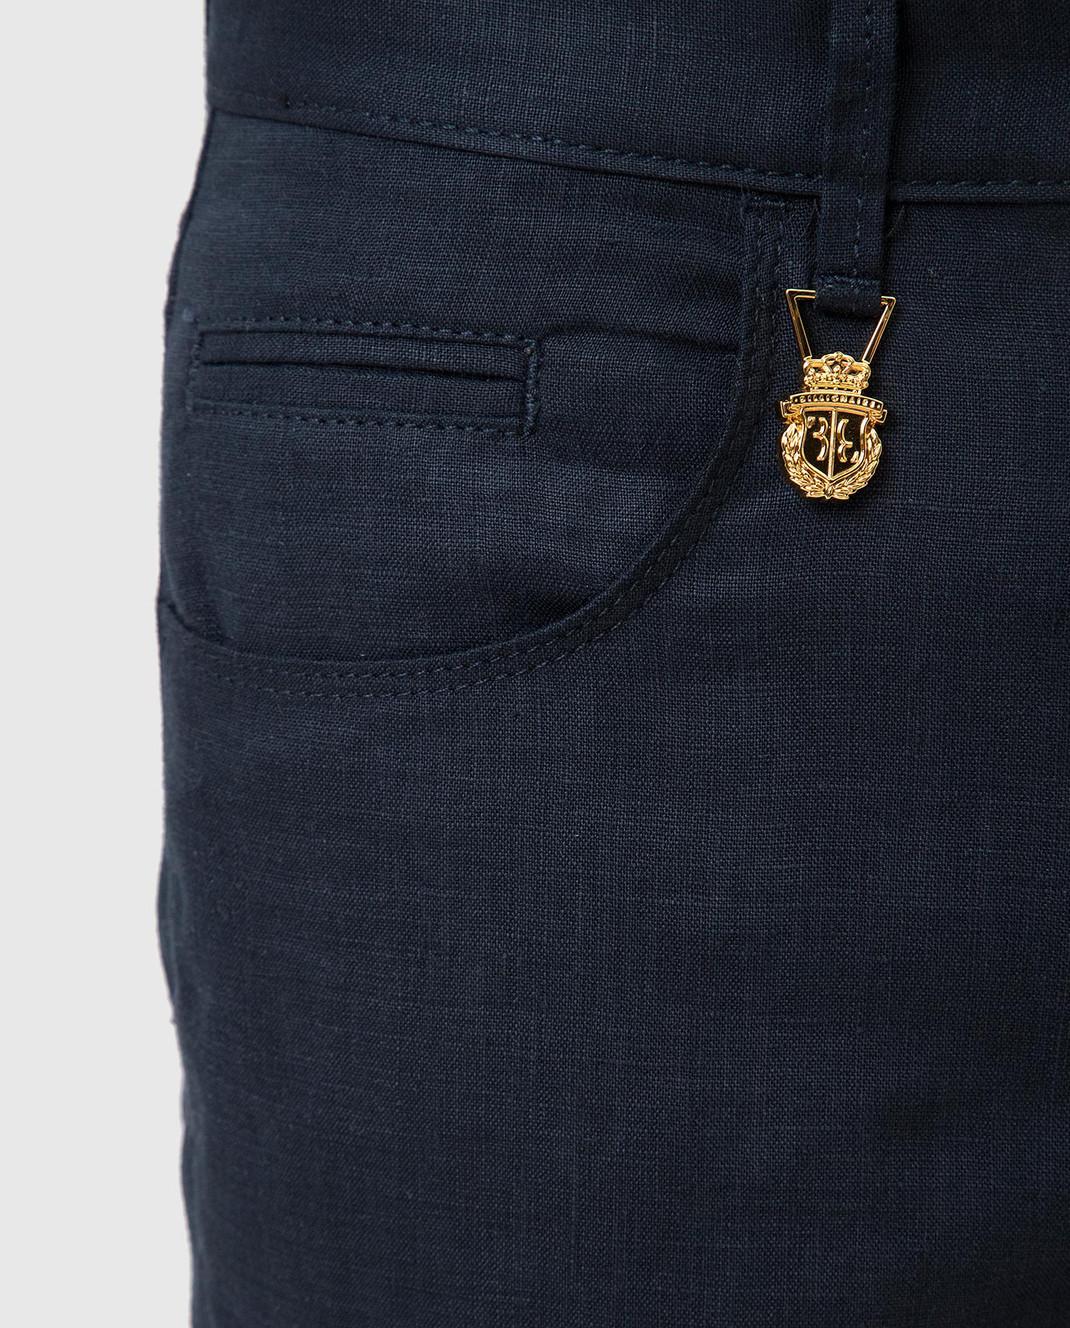 Billionaire Темно-синие брюки из льна MRT0546 изображение 5